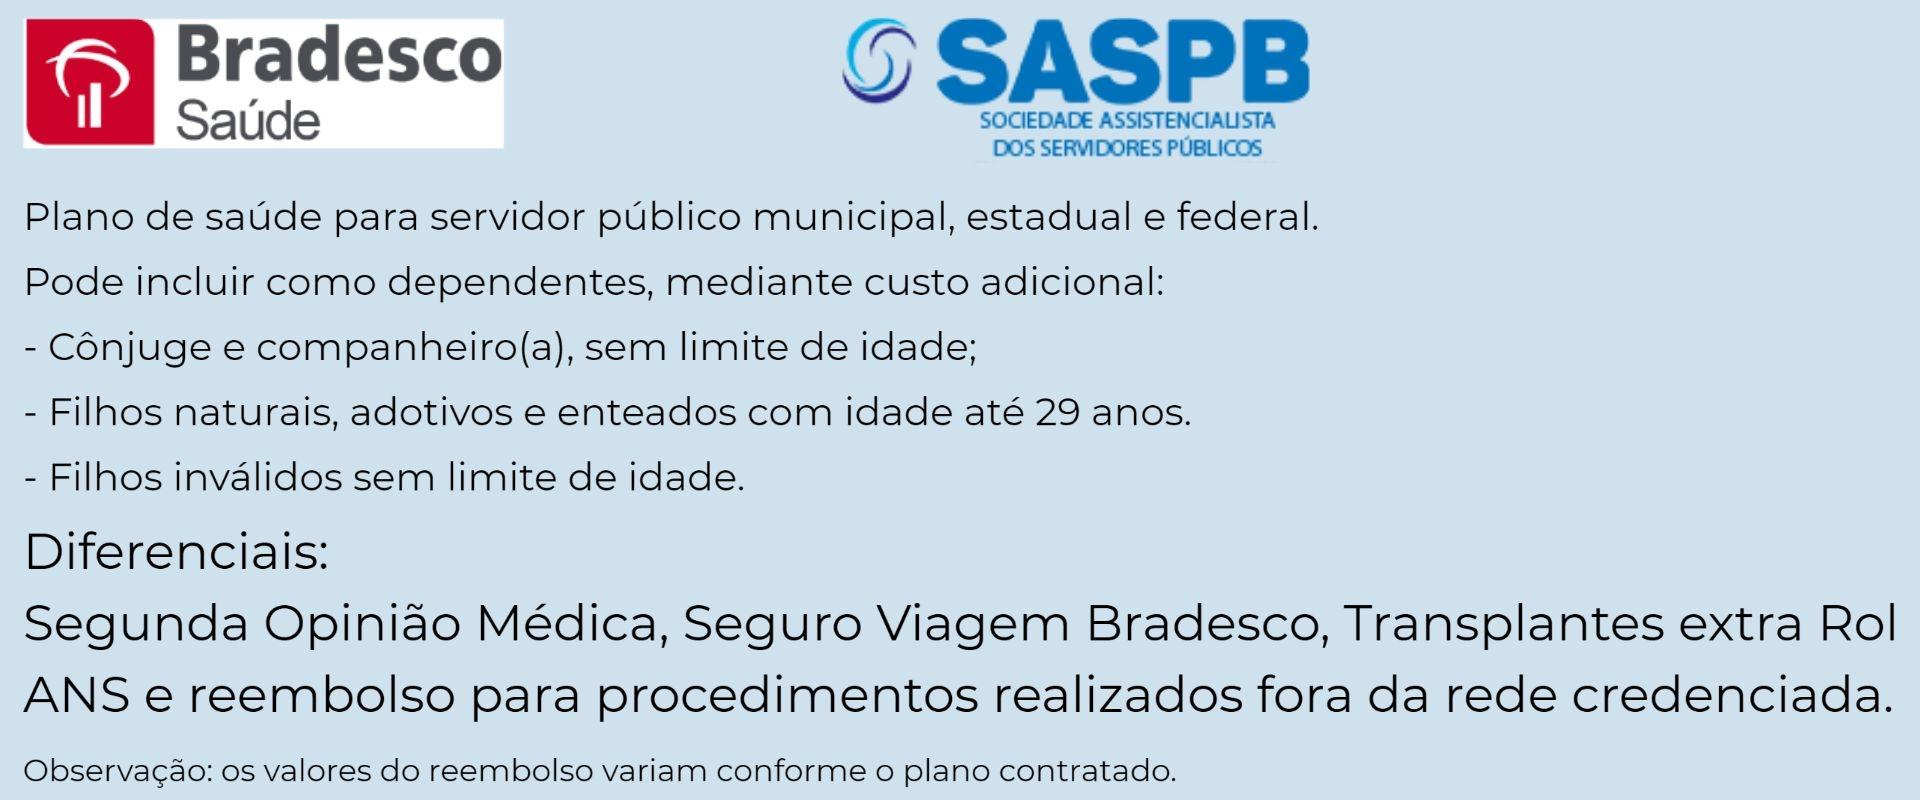 Bradesco Saúde SASPB-CE